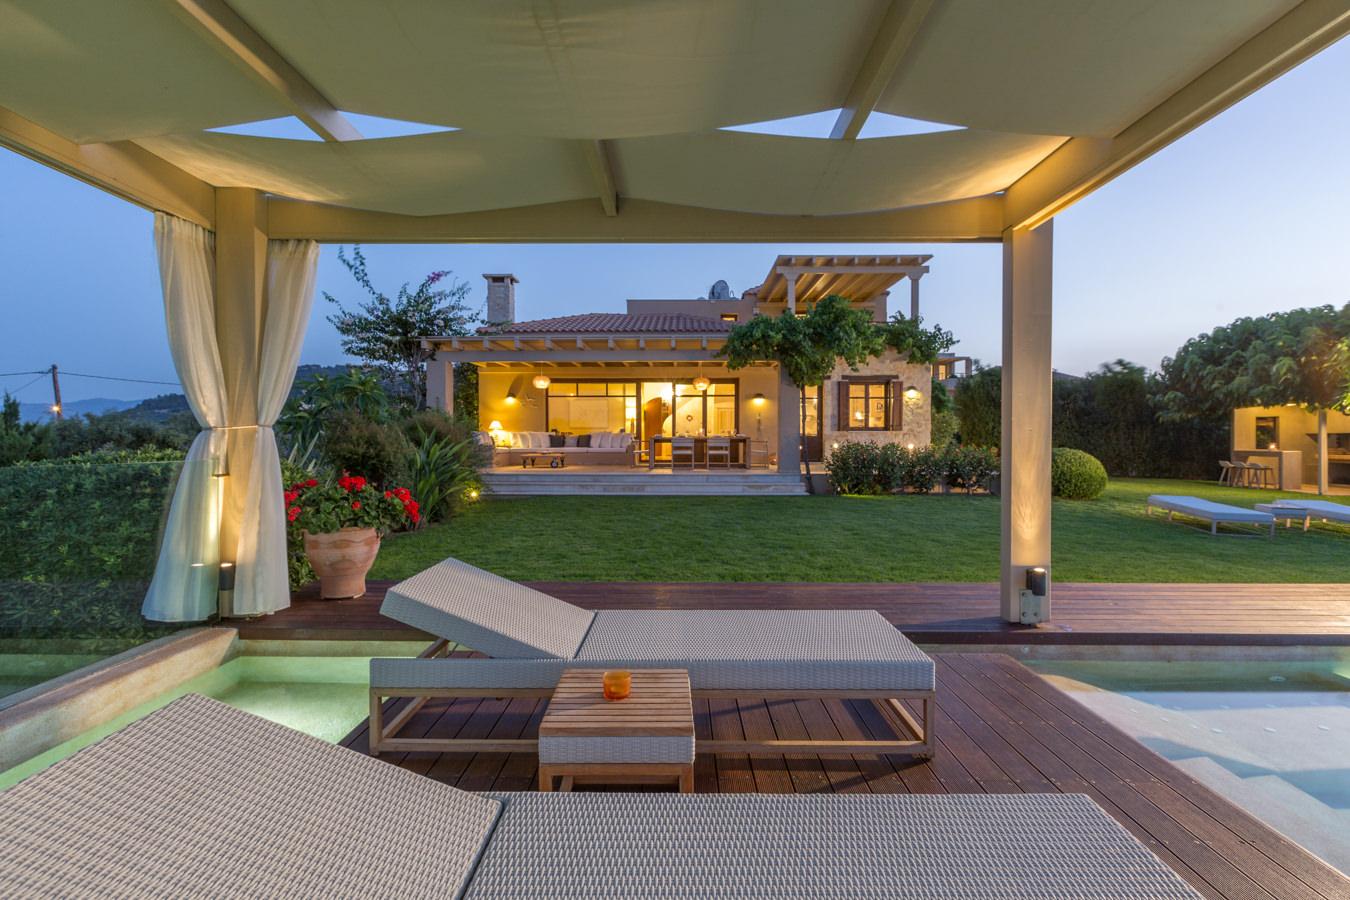 Villa Filira, Crete, Γιώργος Φάκαρος - Αρχιτεκτονική Φωτογραφία | Εσωτερικοί Χώροι | Φωτογραφία Ξενοδοχειών - Photography / Φωτογραφία